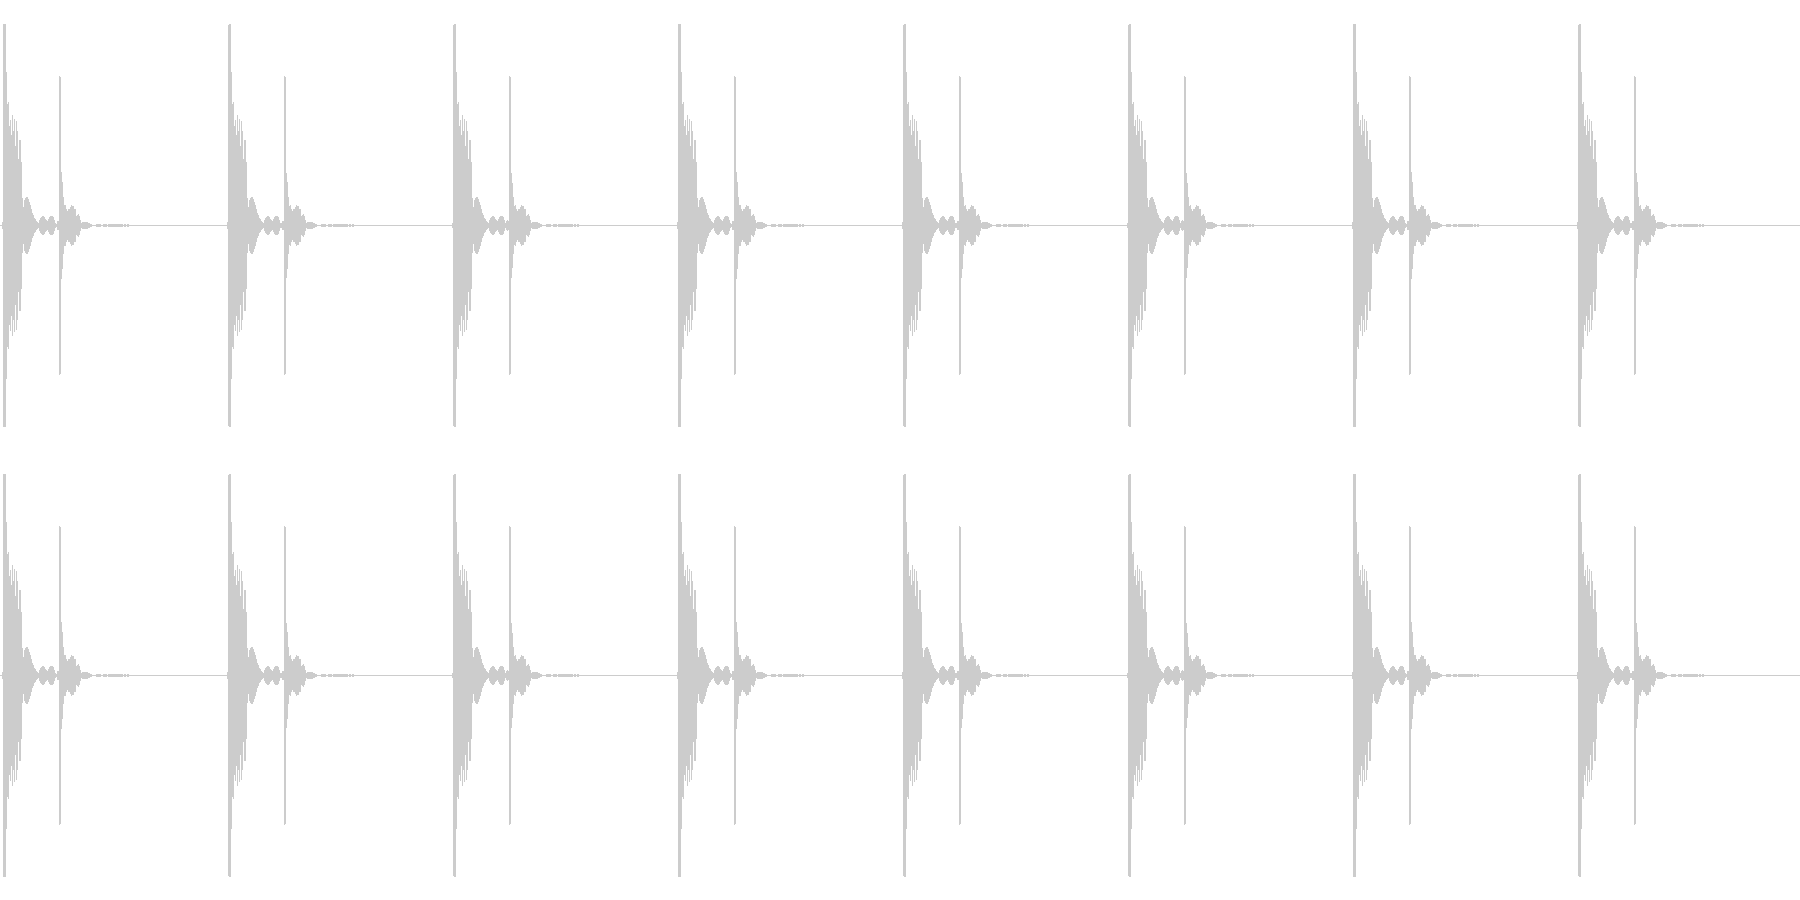 心臓の鼓動_上昇_心拍数48の未再生の波形